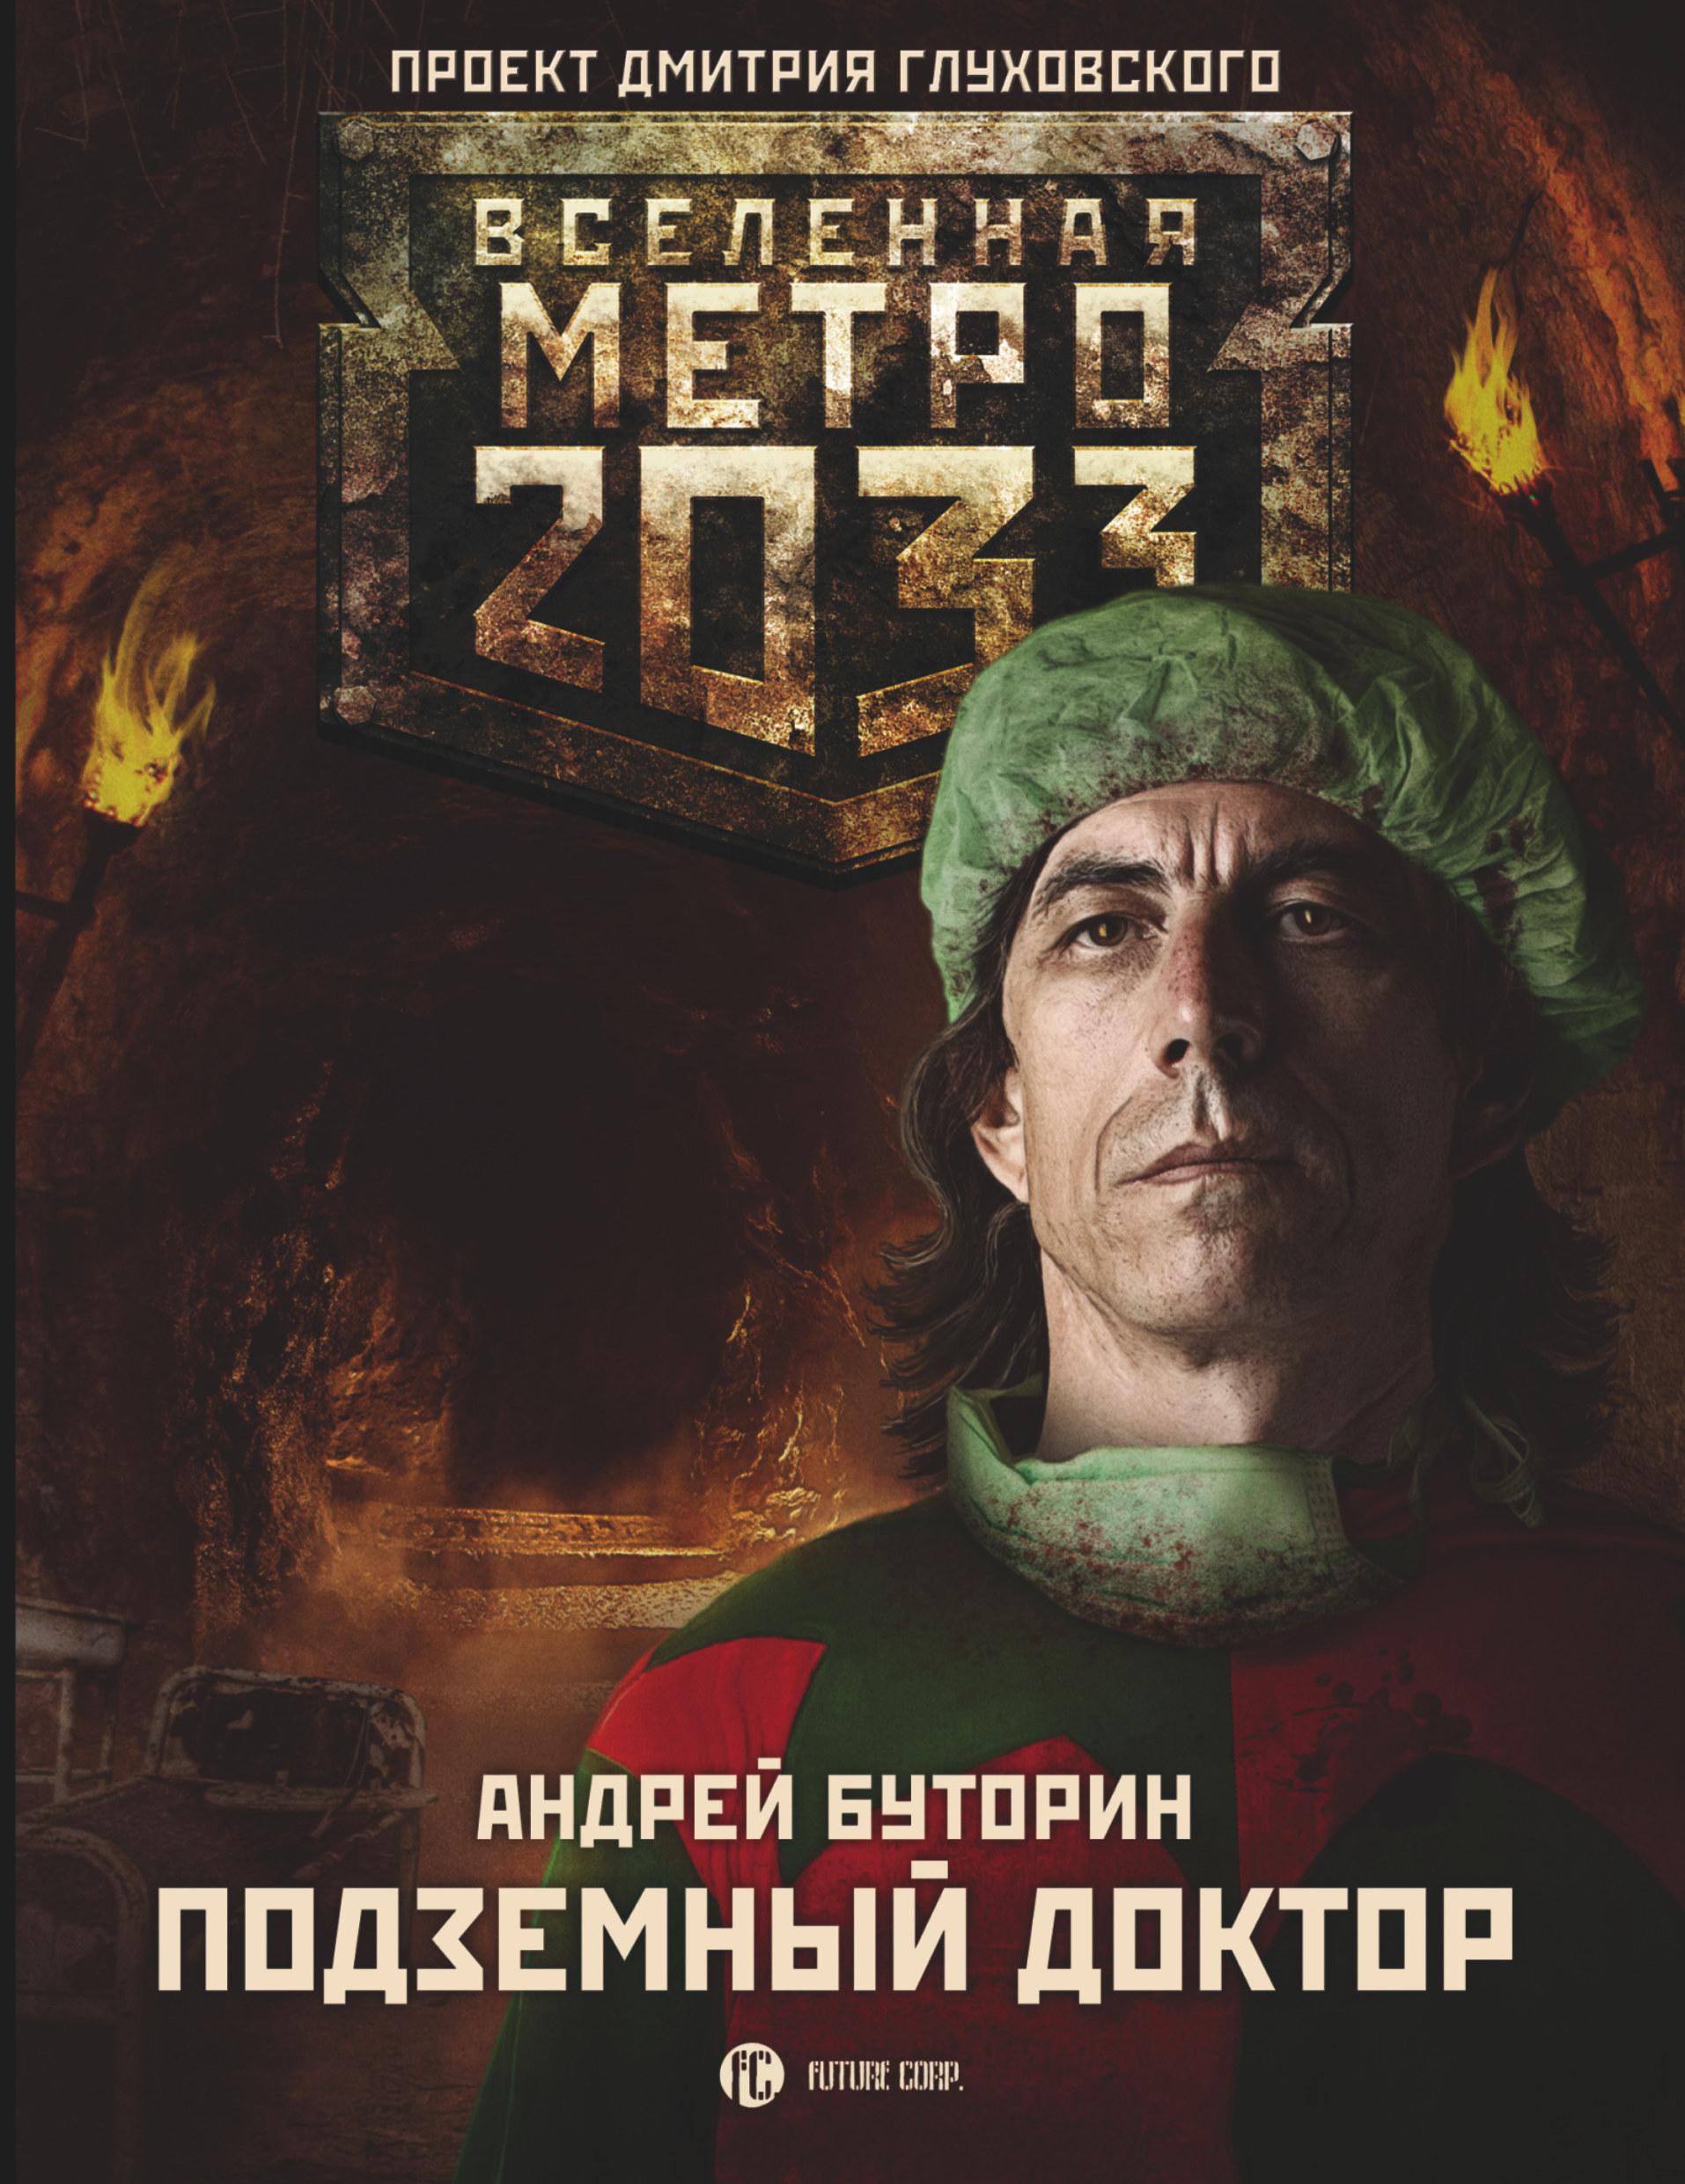 Буторин А.Р. Метро 2033: Подземный доктор сергей семенов метро 2033 о чем молчат выжившие сборник